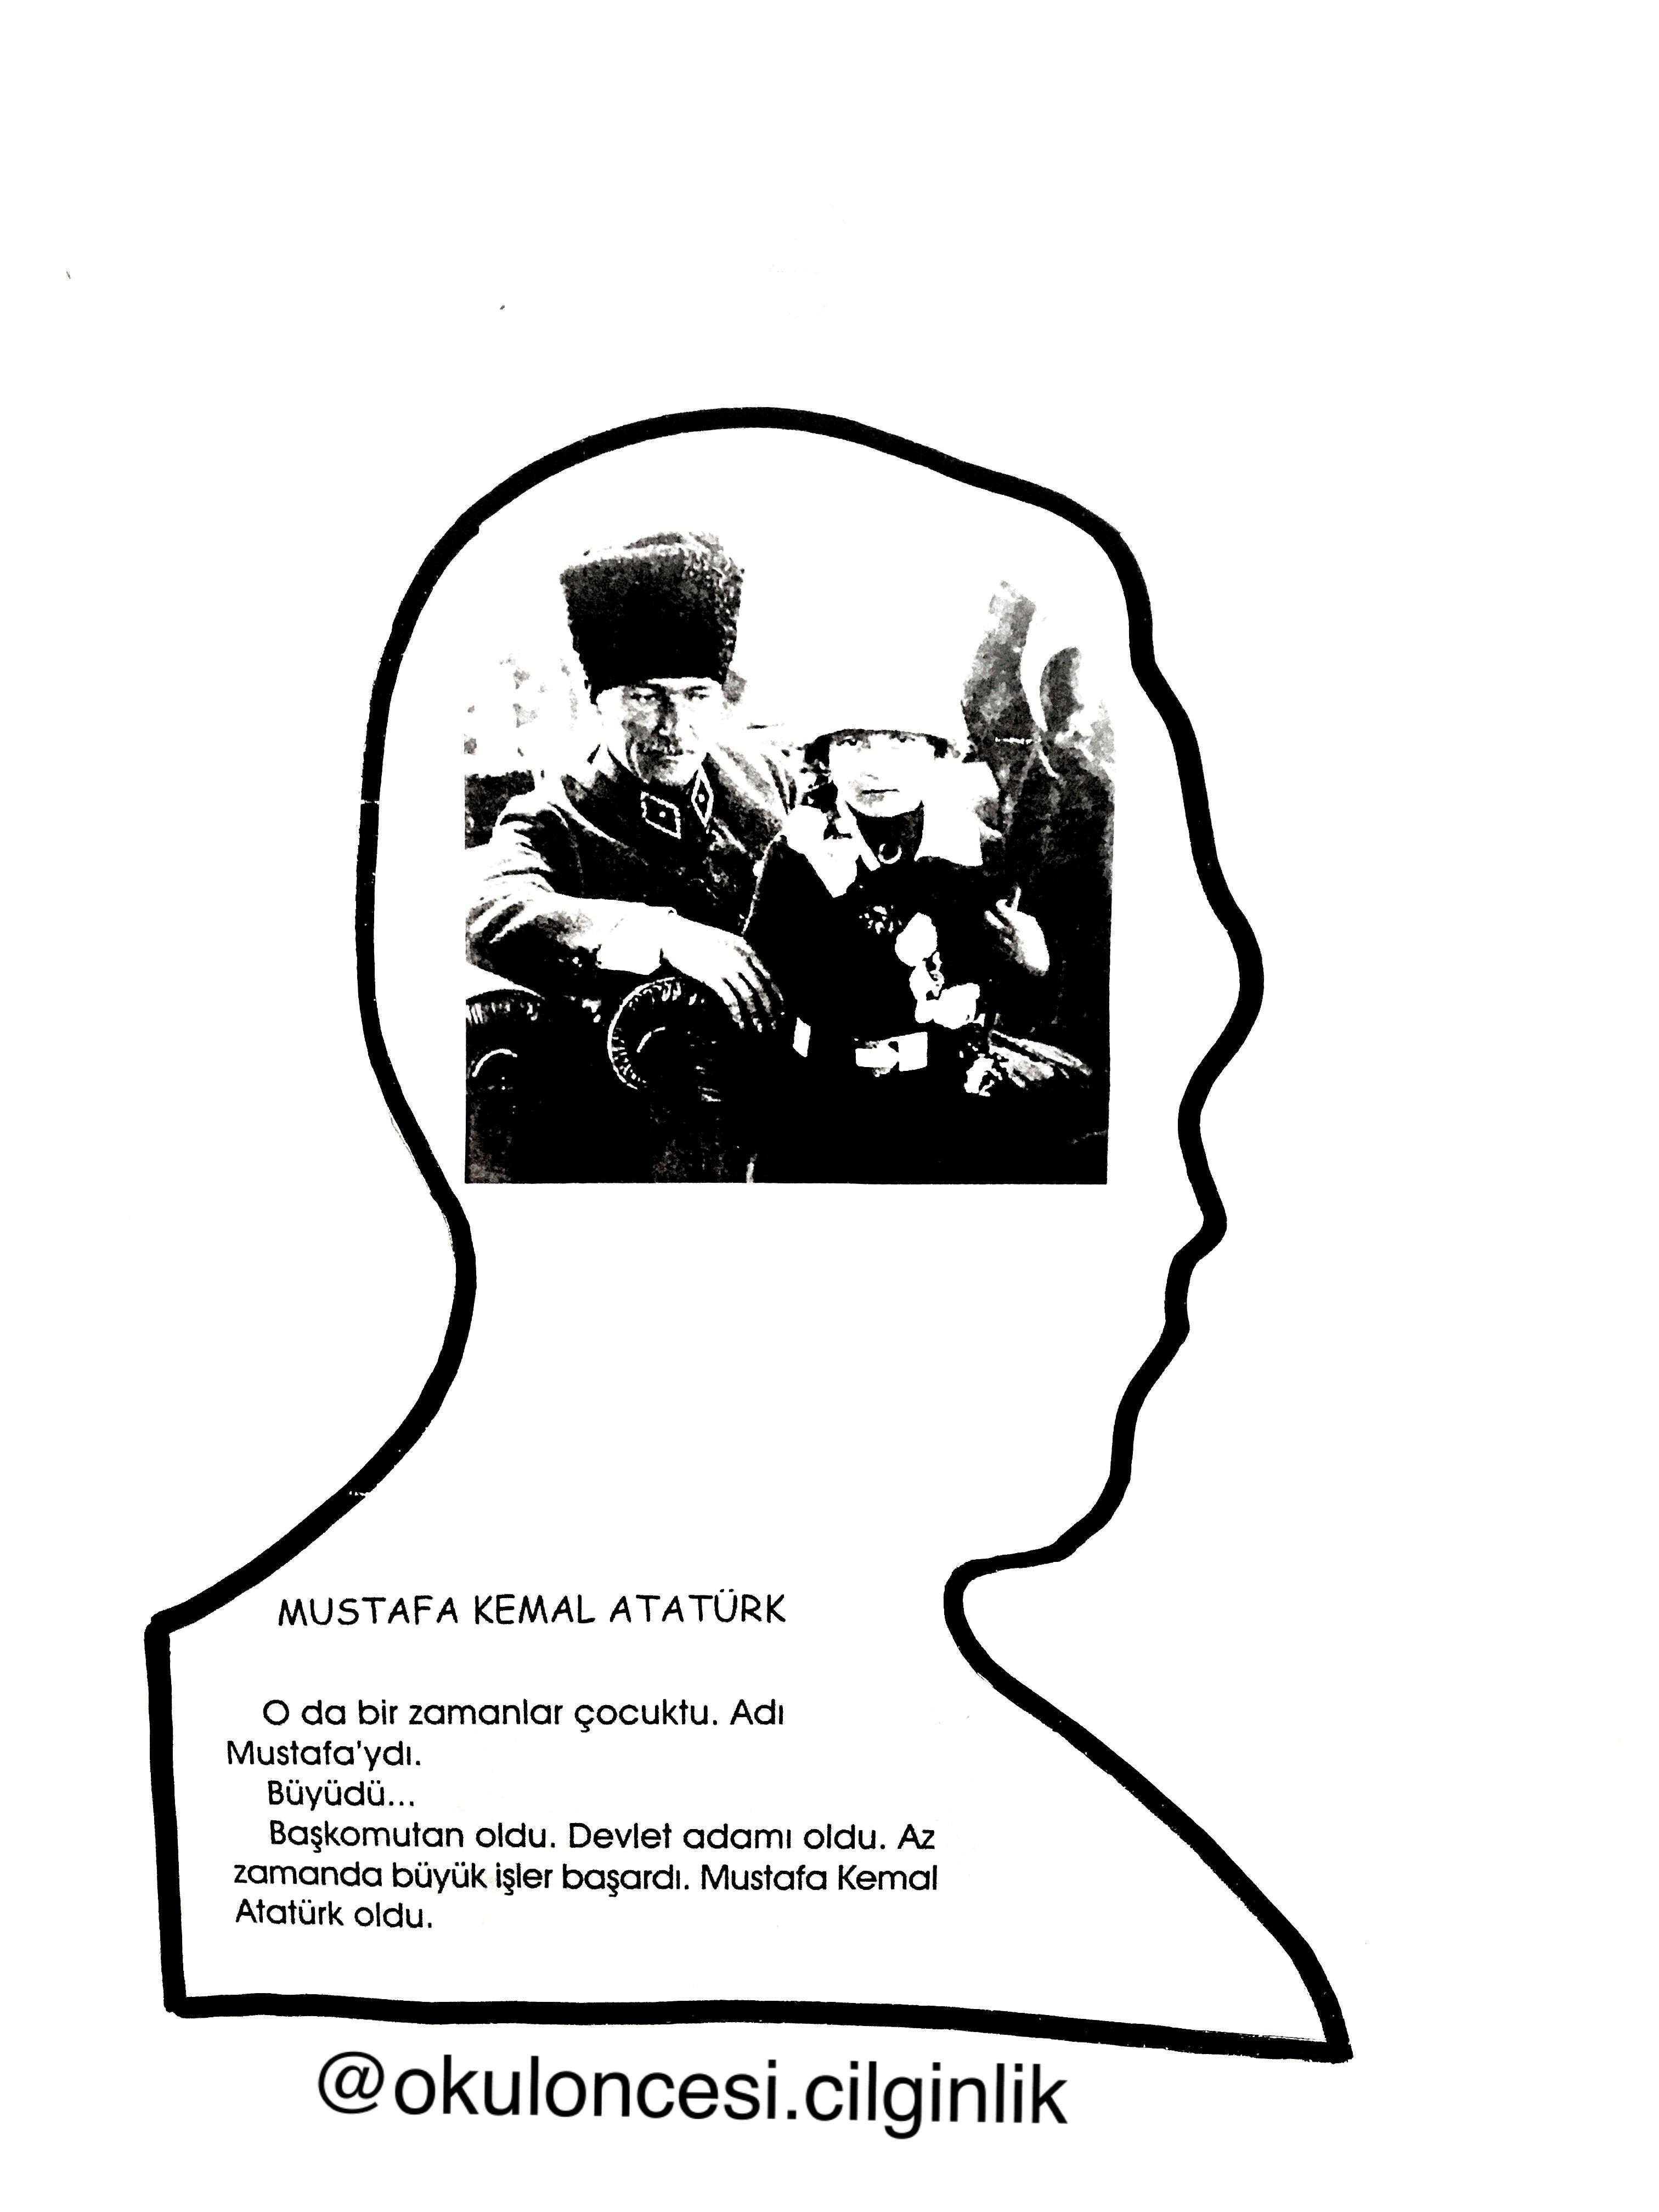 Ataturk Kitapcigi Kalip 2 Okuloncesi Cilginlik Basak Ogretmen Okul Oncesi Faaliyetler Okul